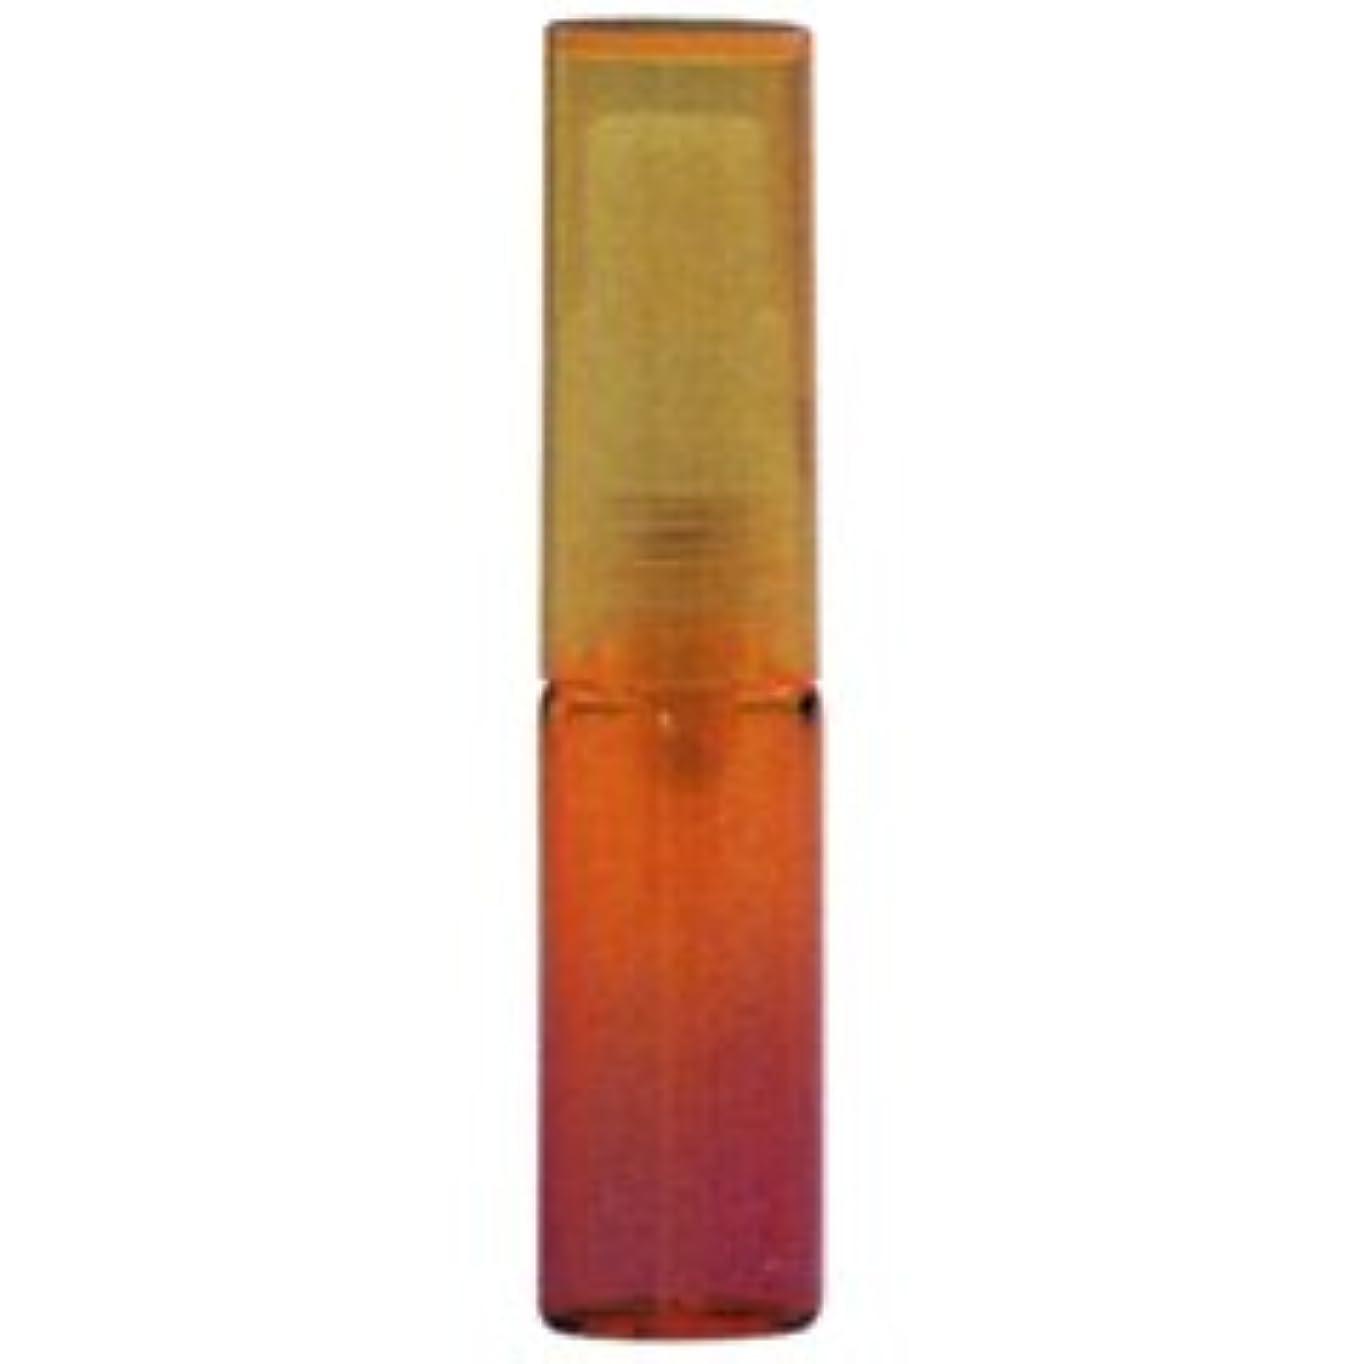 【ヒロセ アトマイザー】グラデーションカラー ガラスアトマイザー 48075 (カラーAT オレンジ/レッド) 4ml